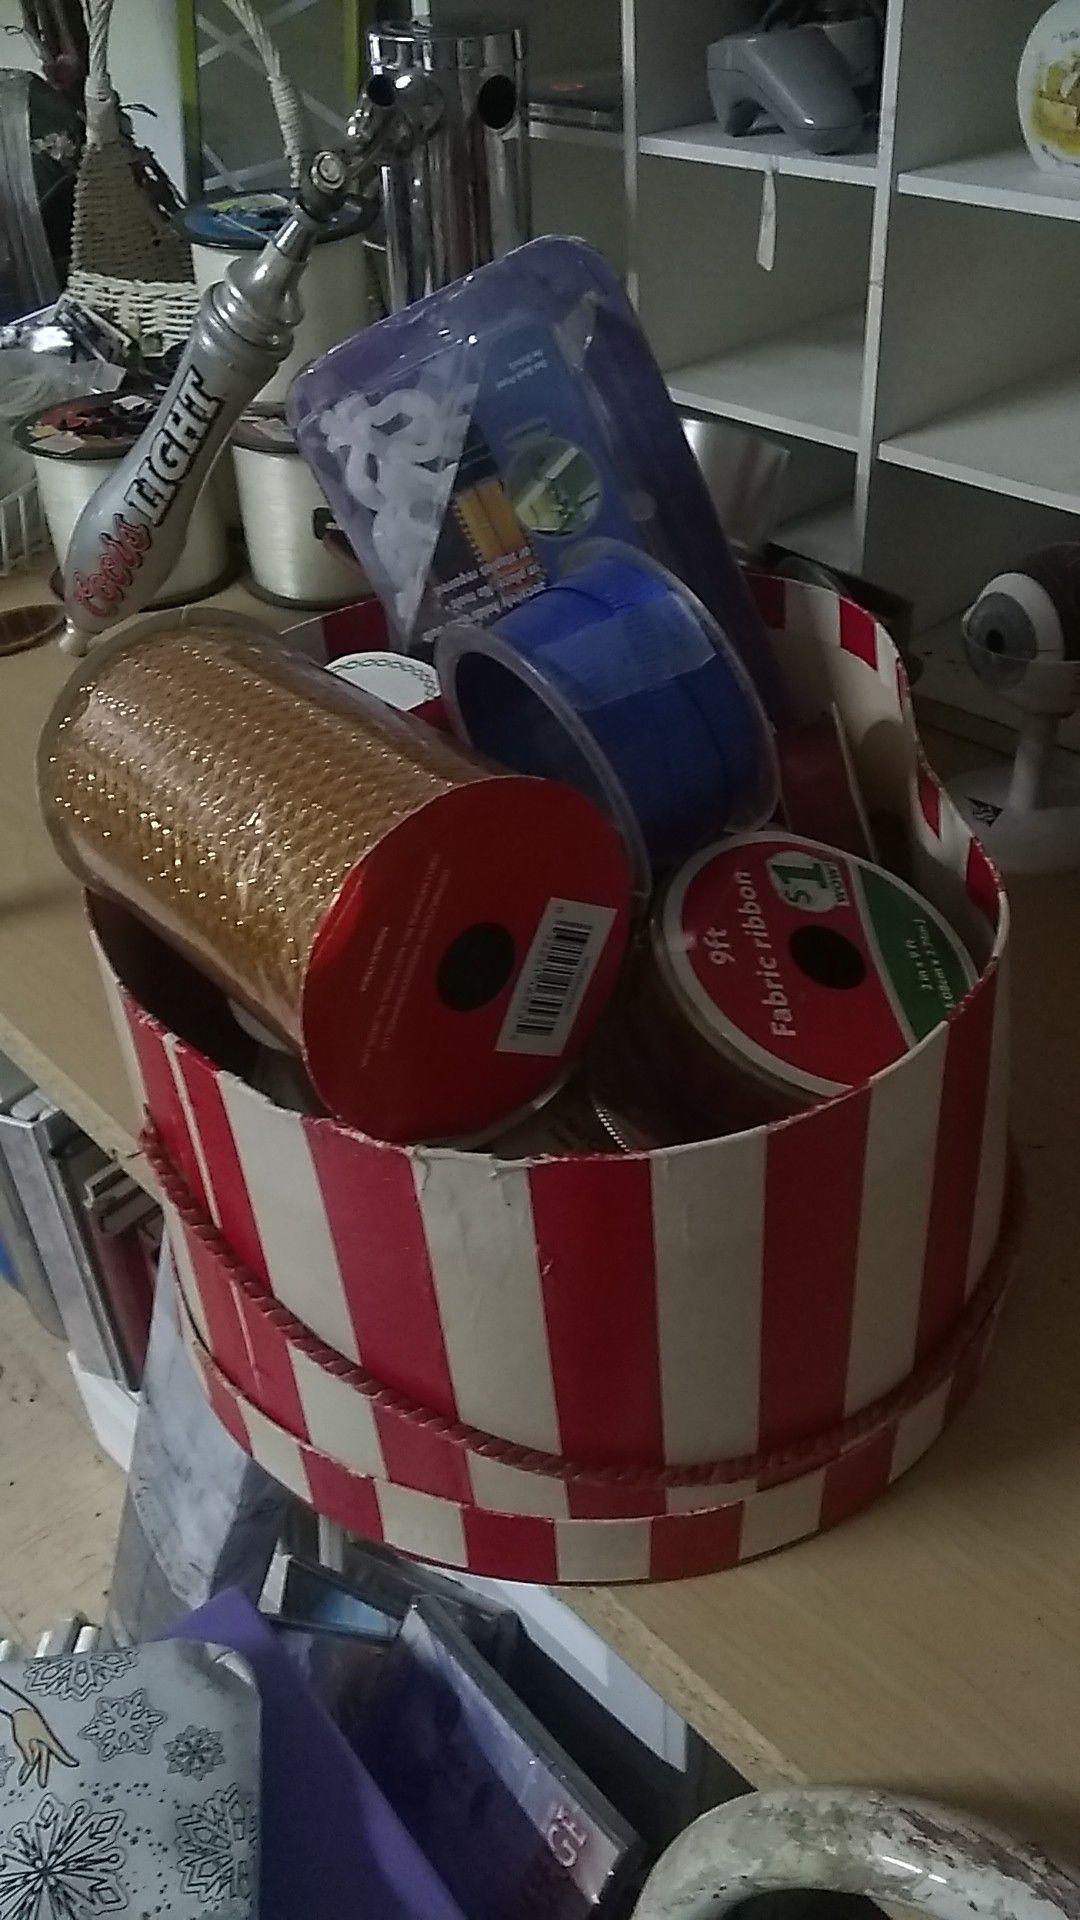 Box full of ribbon